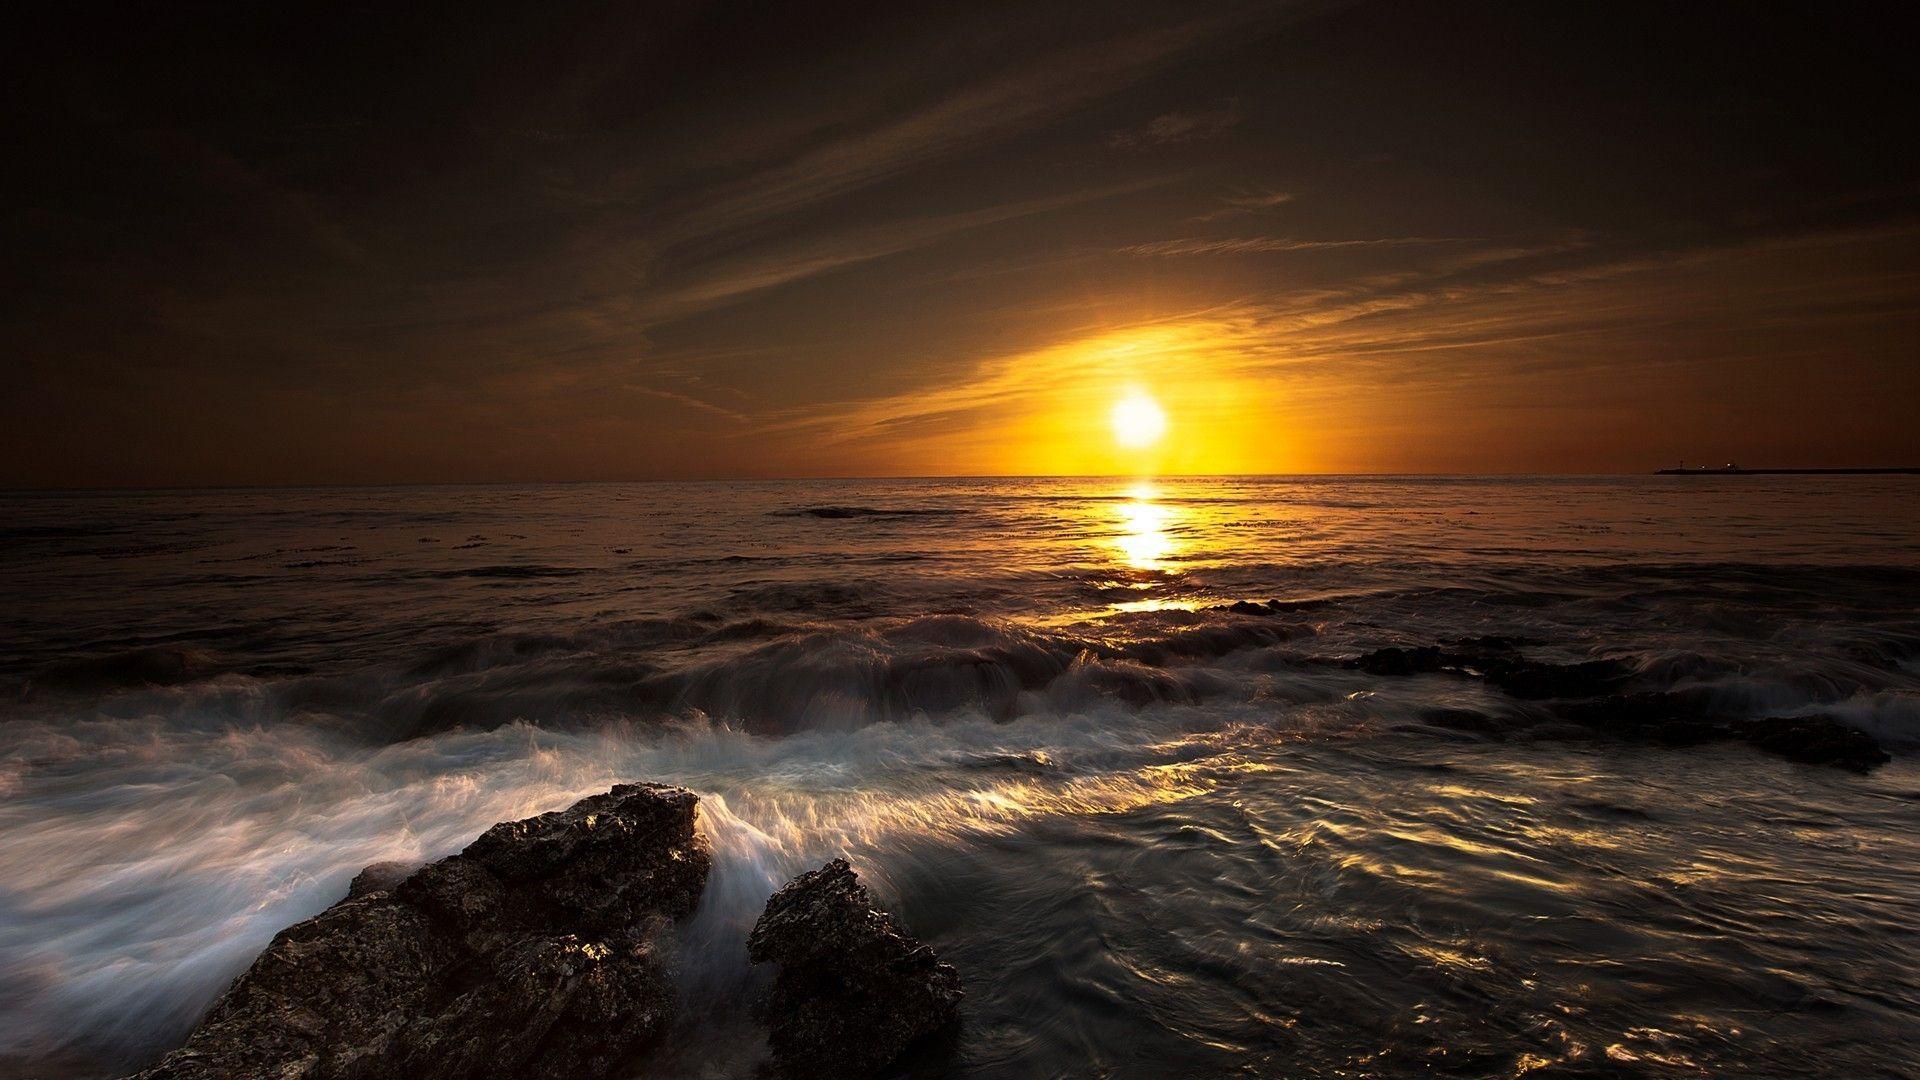 Ocean Waves Sunset Ocean Landscape Ocean Sunset Sunset Wallpaper Wallpaper sunset moon sea rocks waves